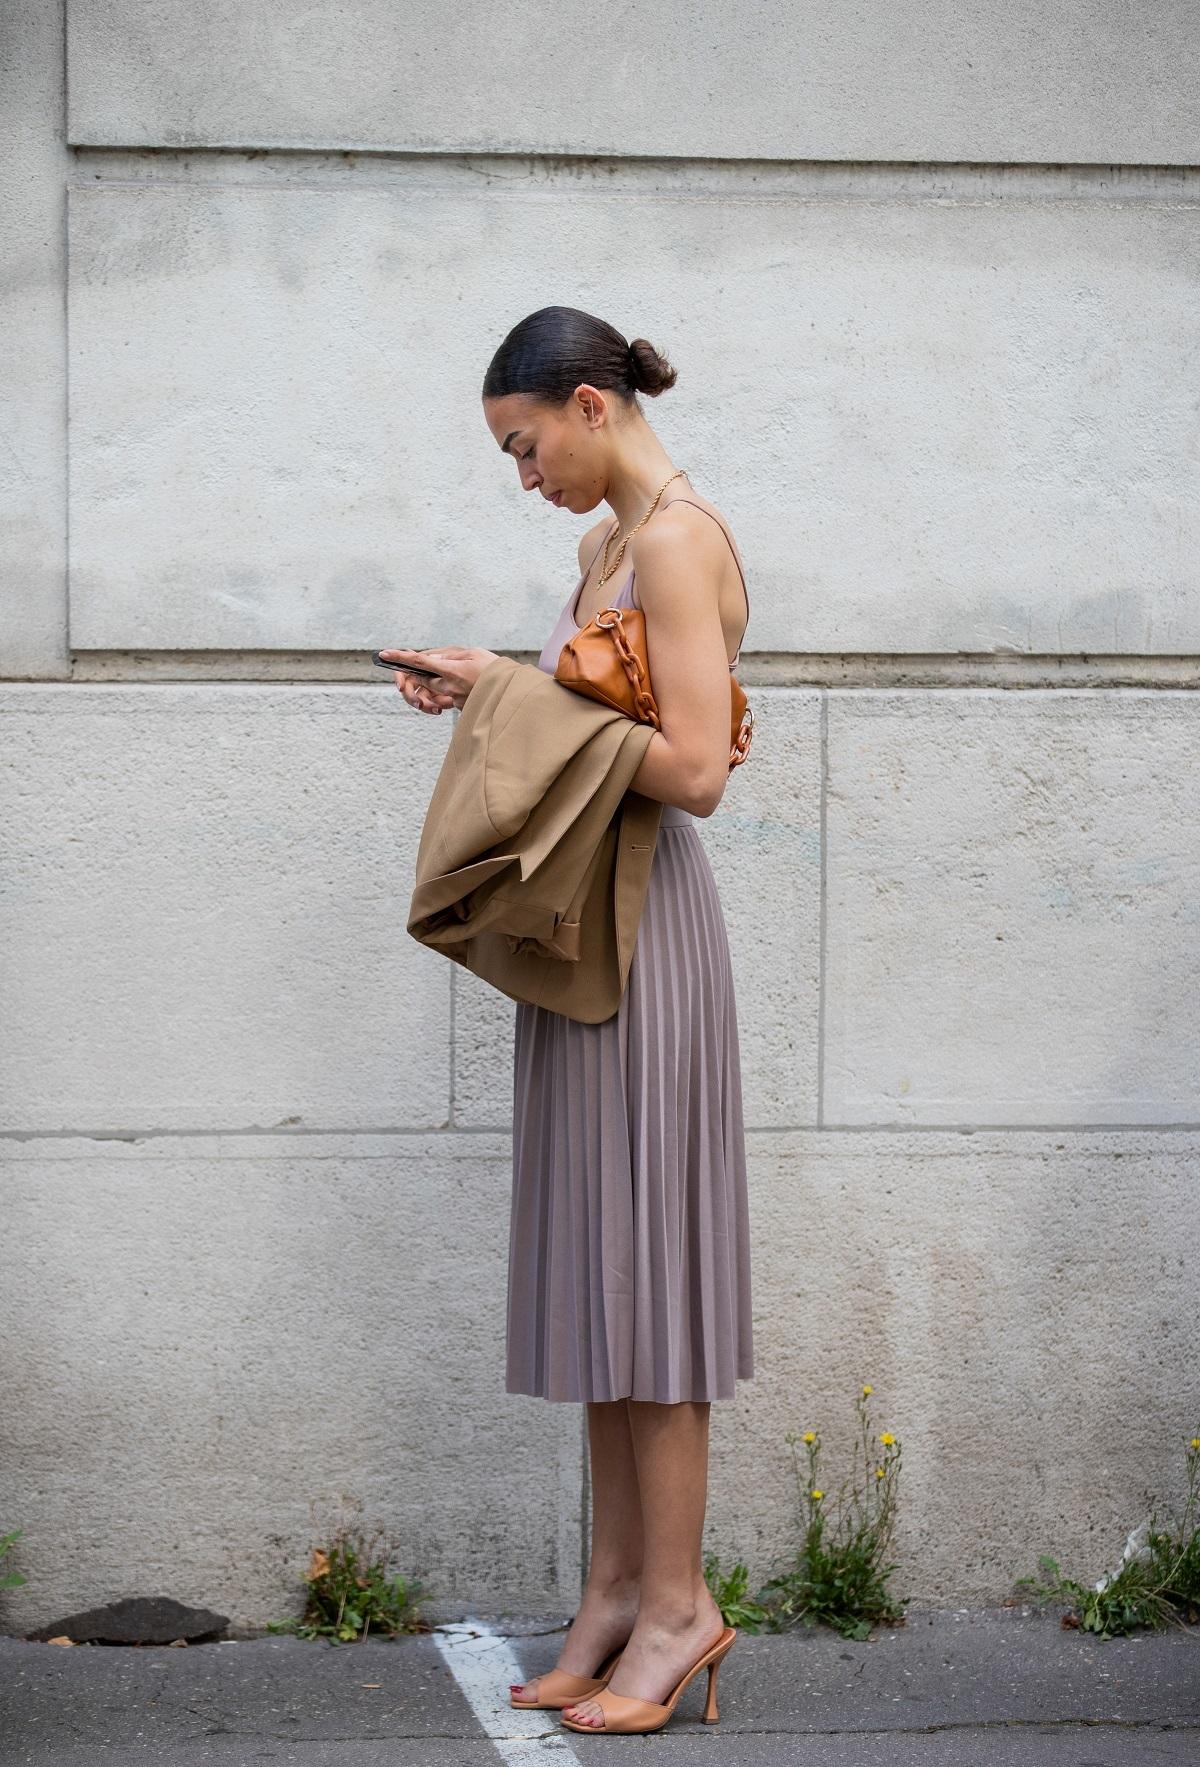 Una falda plisada y una camiseta de tirantes.